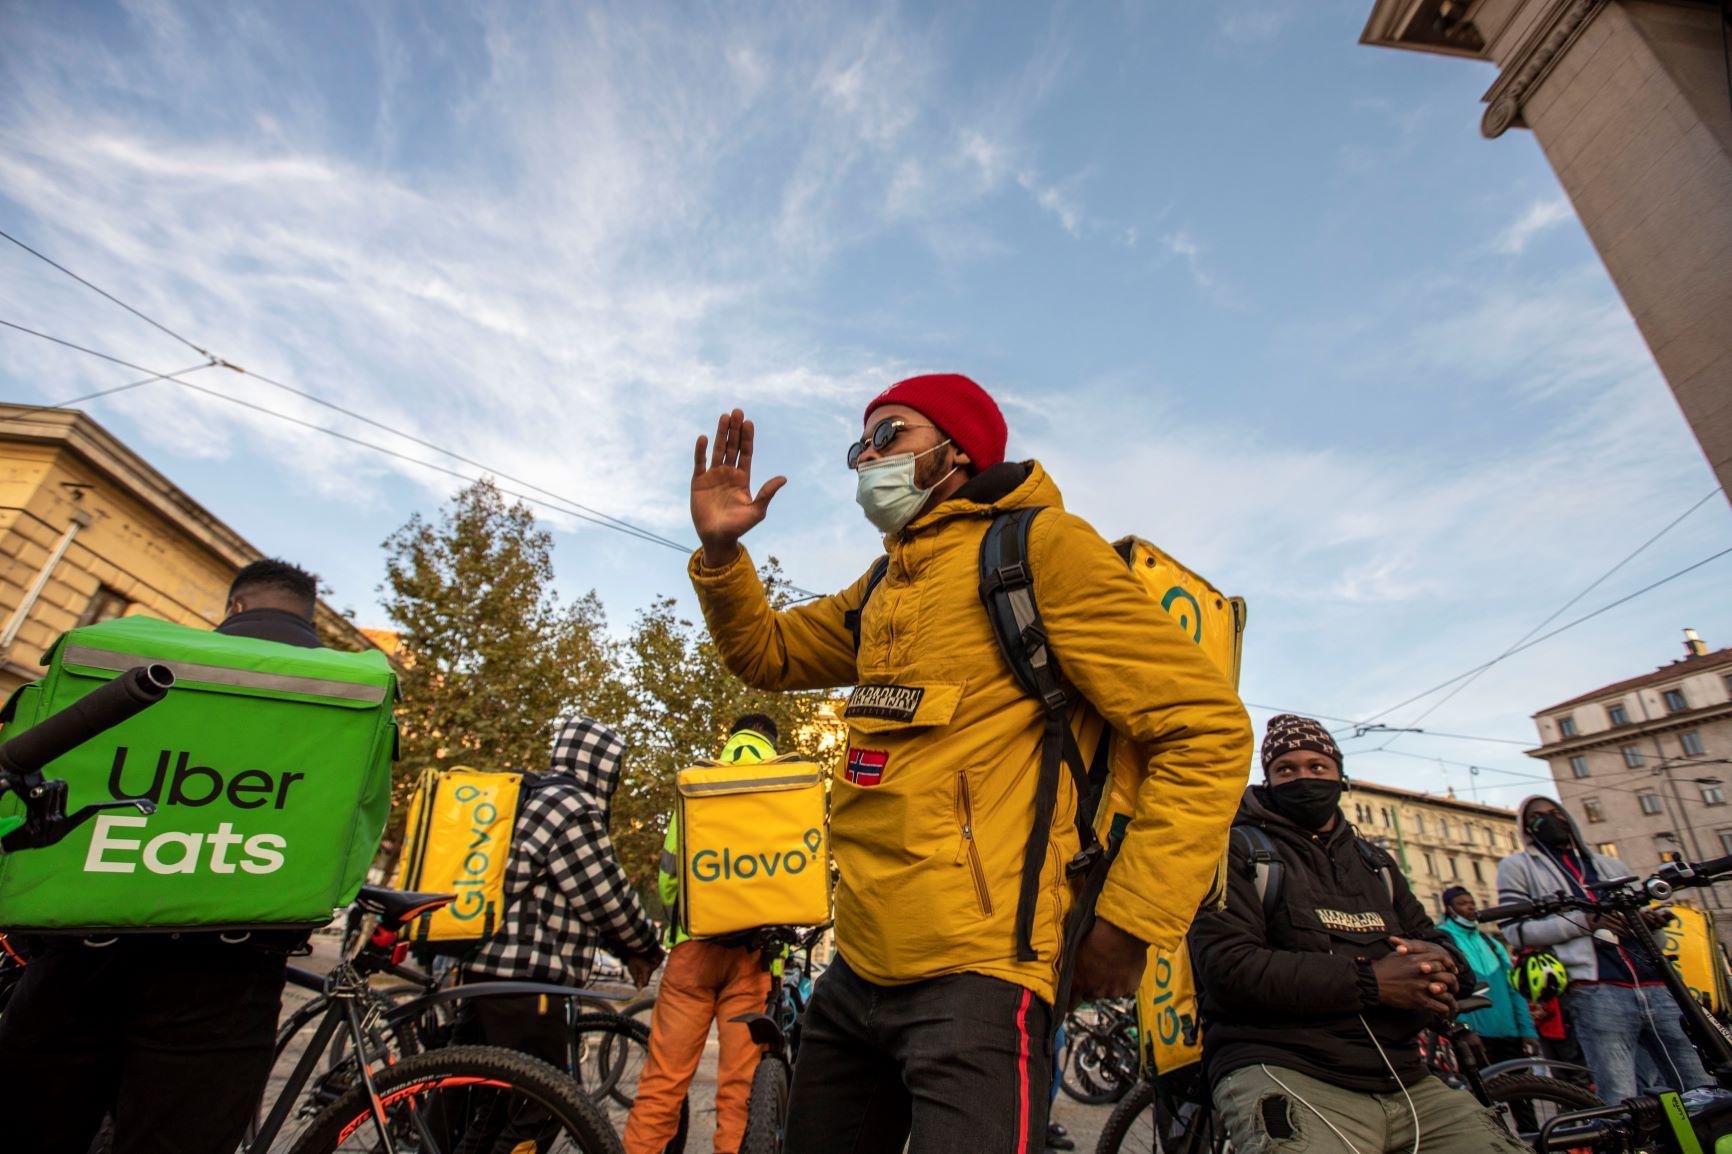 In California, oltre Biden, gli elettori hanno deciso che i rider non sono dipendenti